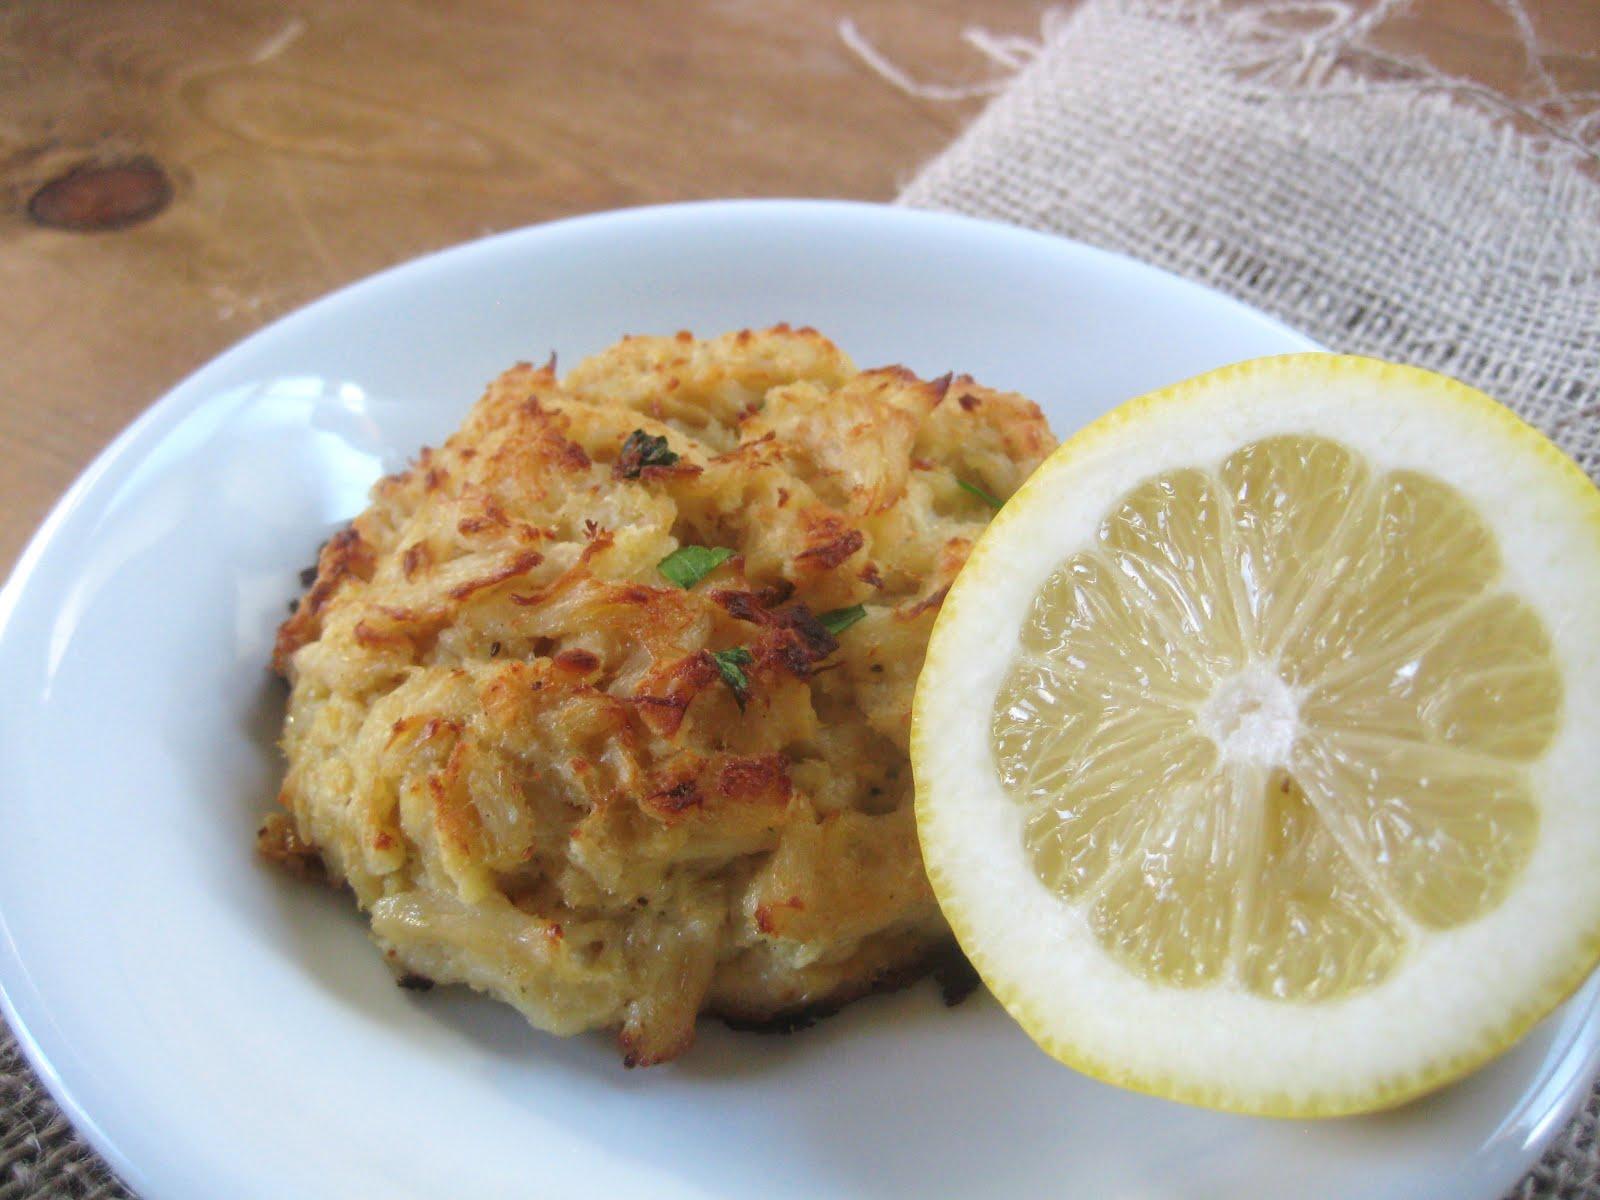 Crab Cakes Pan Fry Then Bake